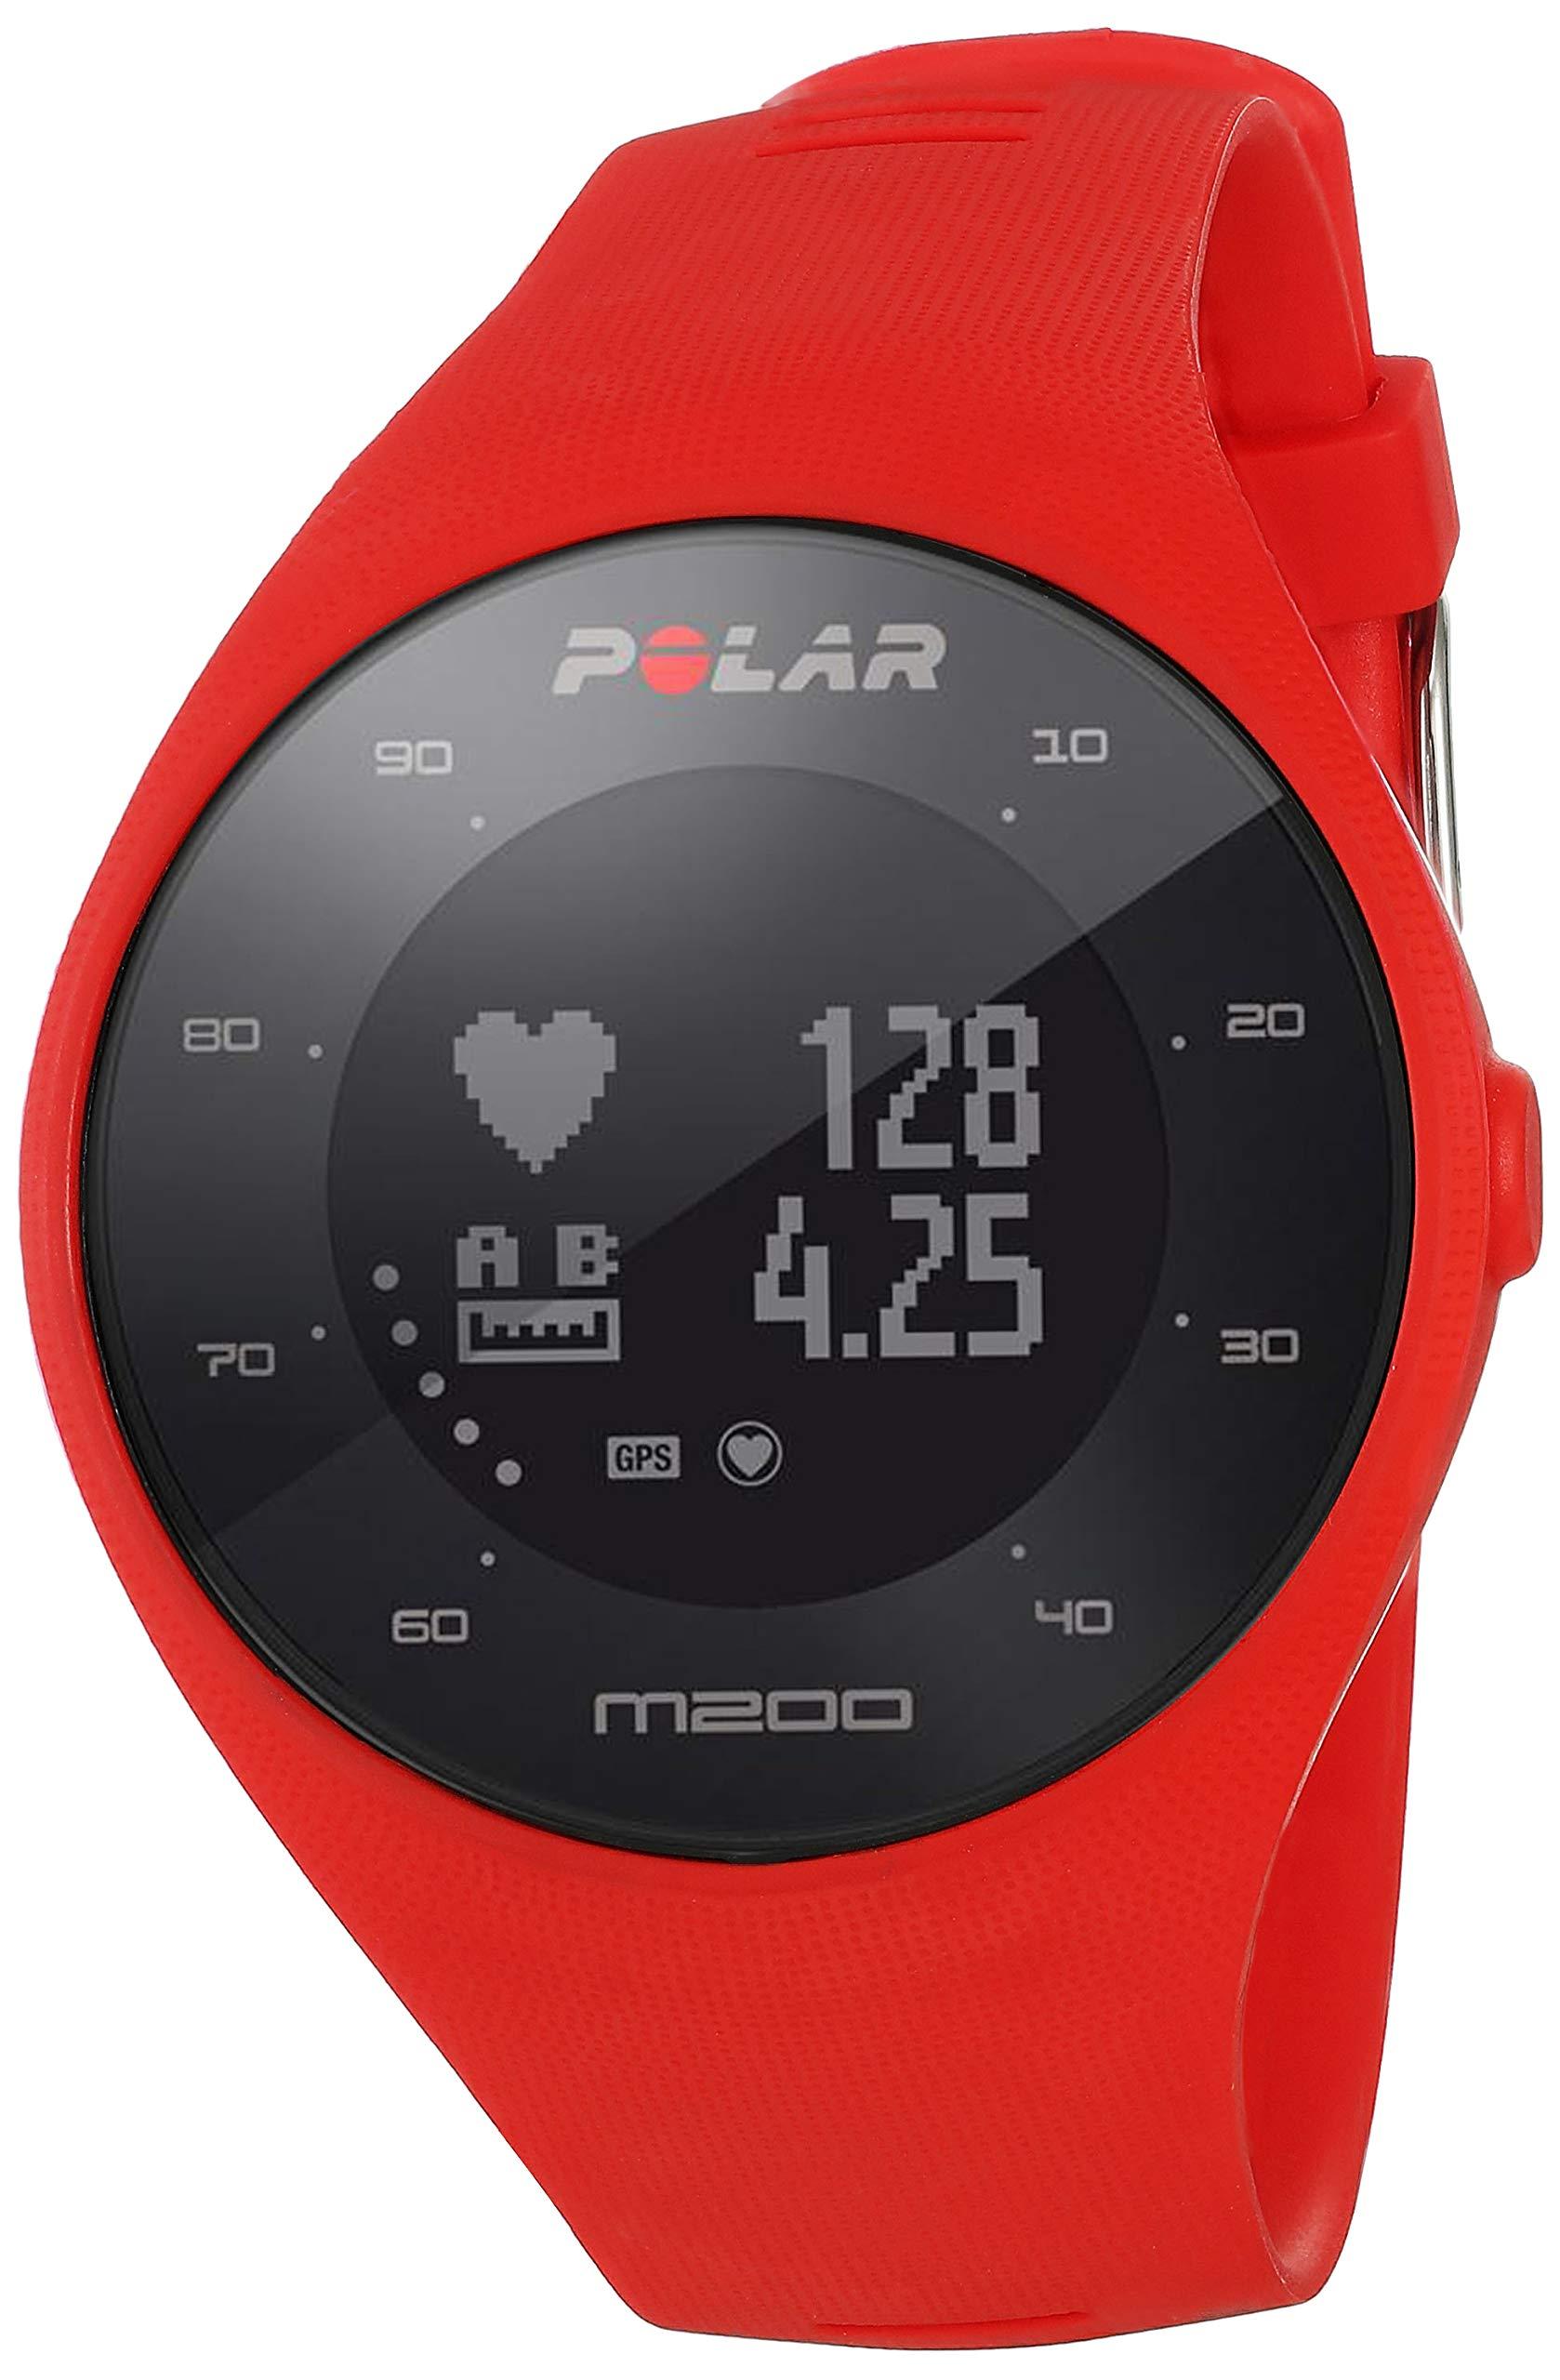 Polar M200 Orologio GPS con Cardiofrequenzimetro Integrato, Monitoraggio Attività Fisica e Sonno, Cinturino Intercambiabile, Connettività a Mobile e Web Service, Rosso product image